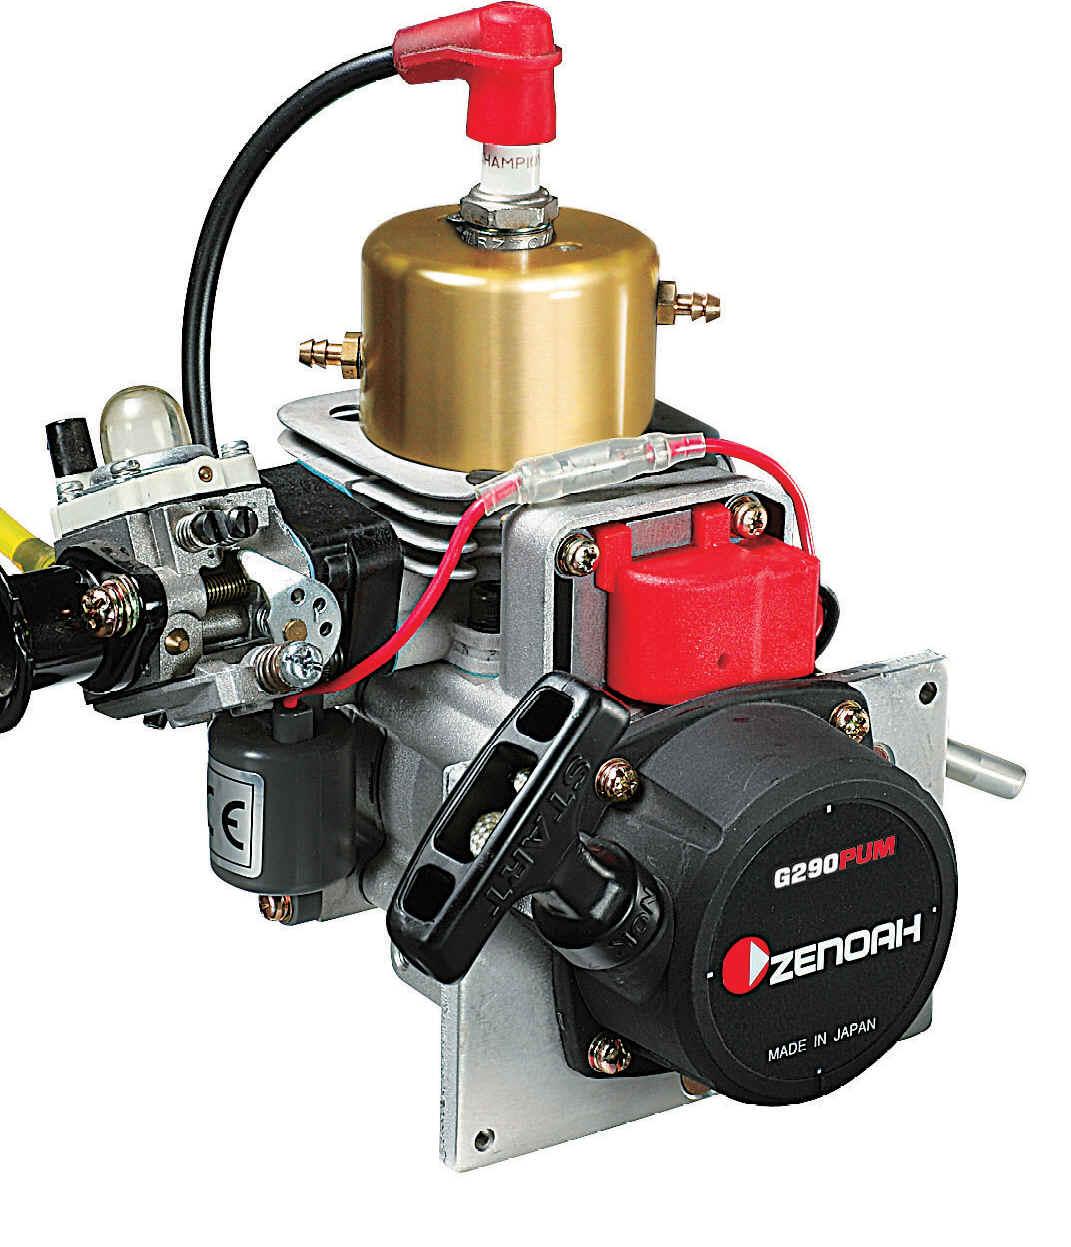 Zenoah engine